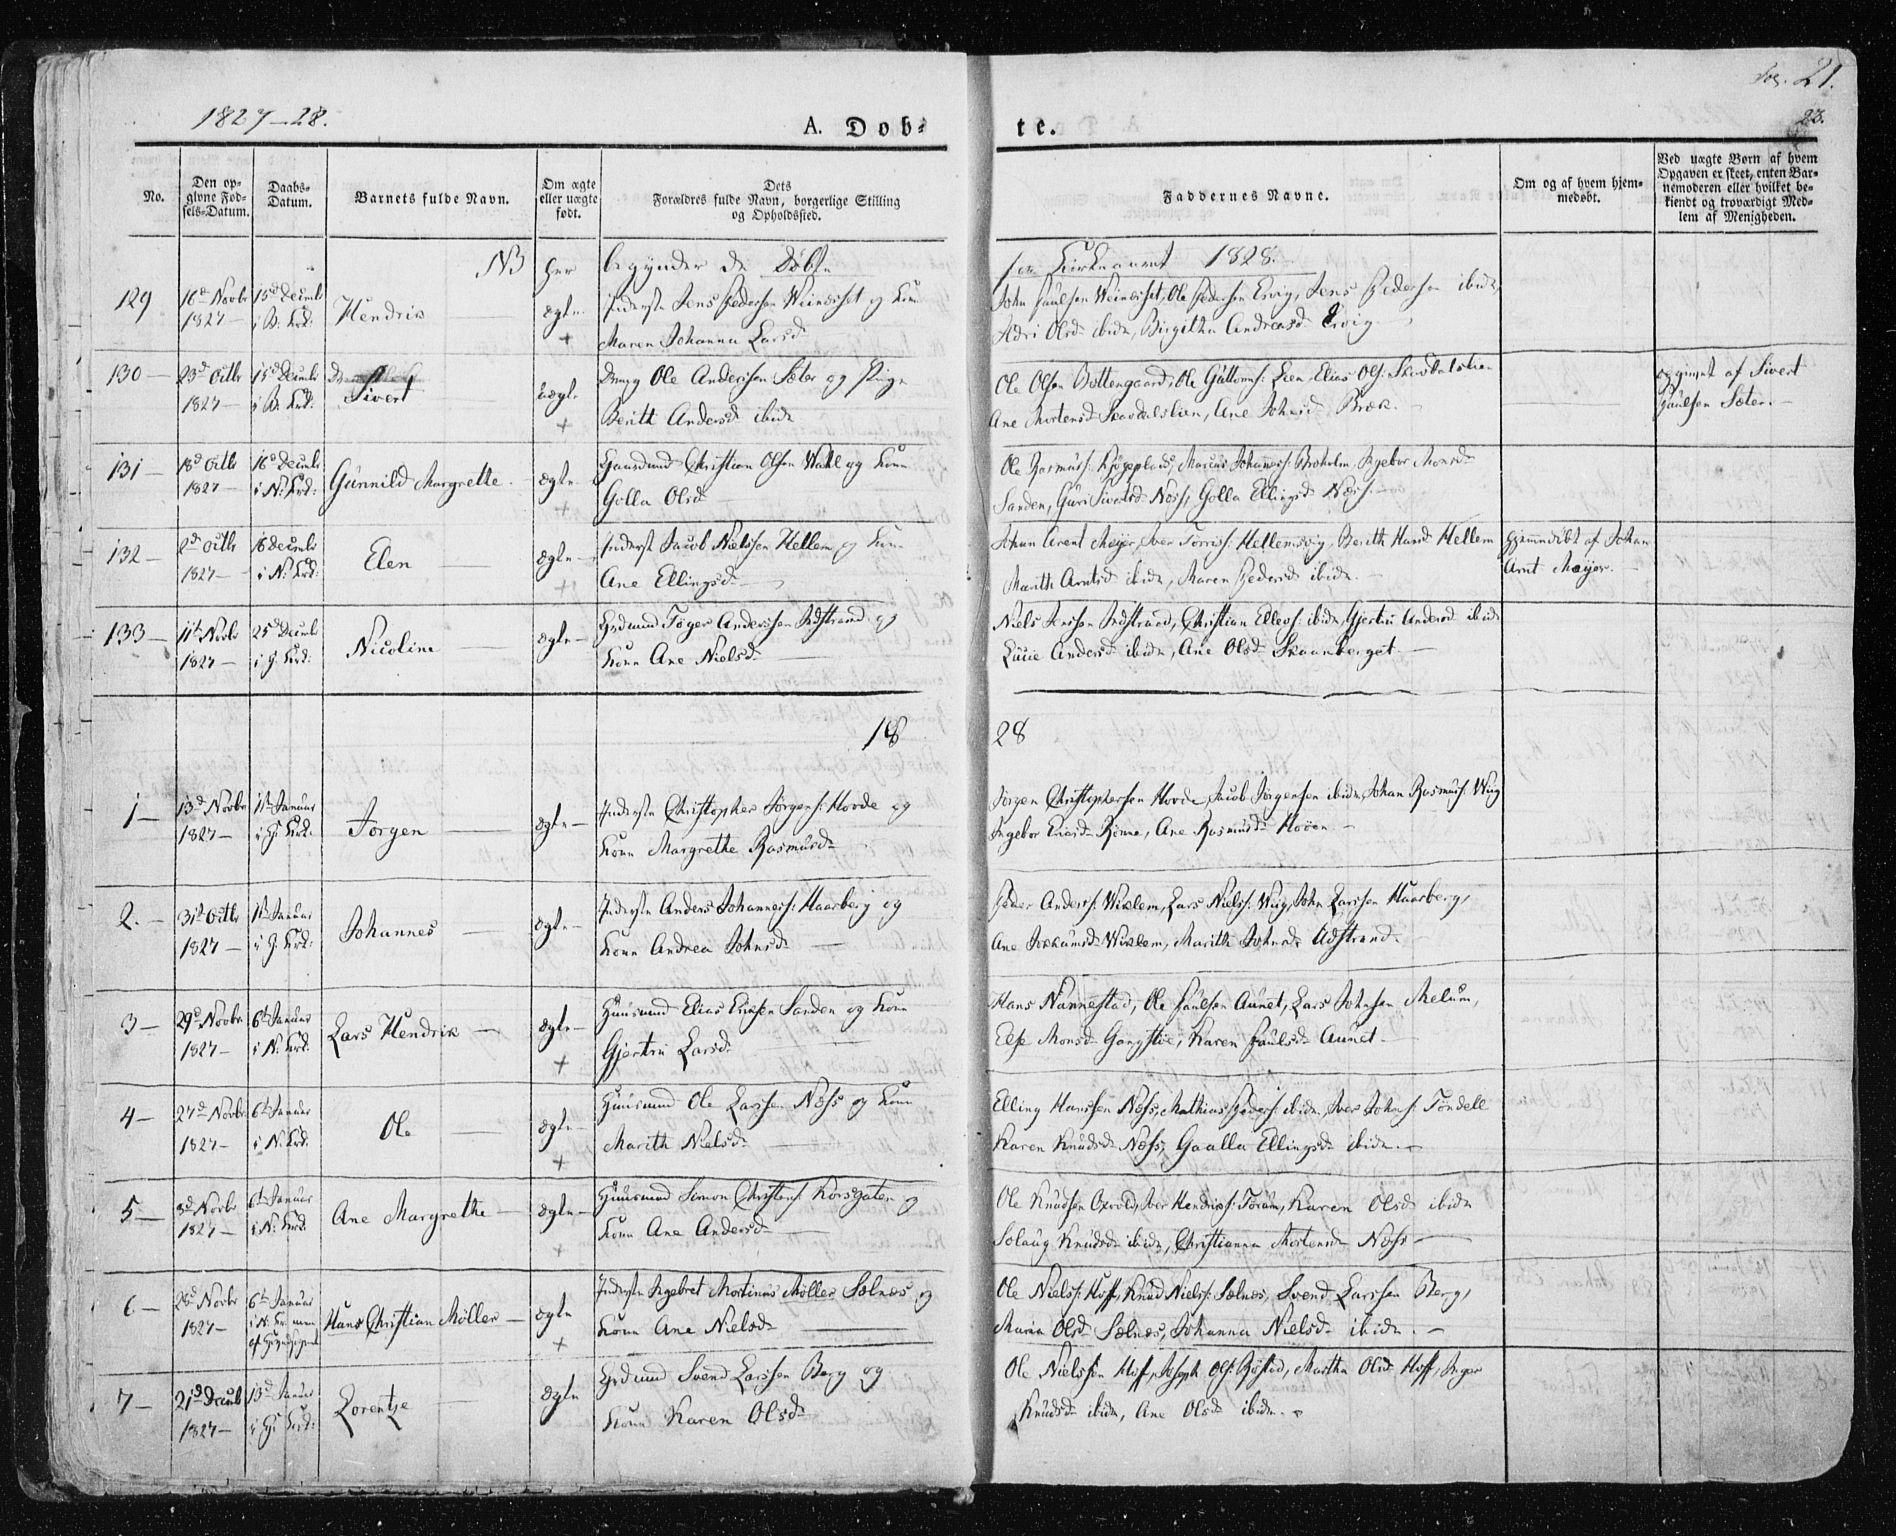 SAT, Ministerialprotokoller, klokkerbøker og fødselsregistre - Sør-Trøndelag, 659/L0735: Ministerialbok nr. 659A05, 1826-1841, s. 21